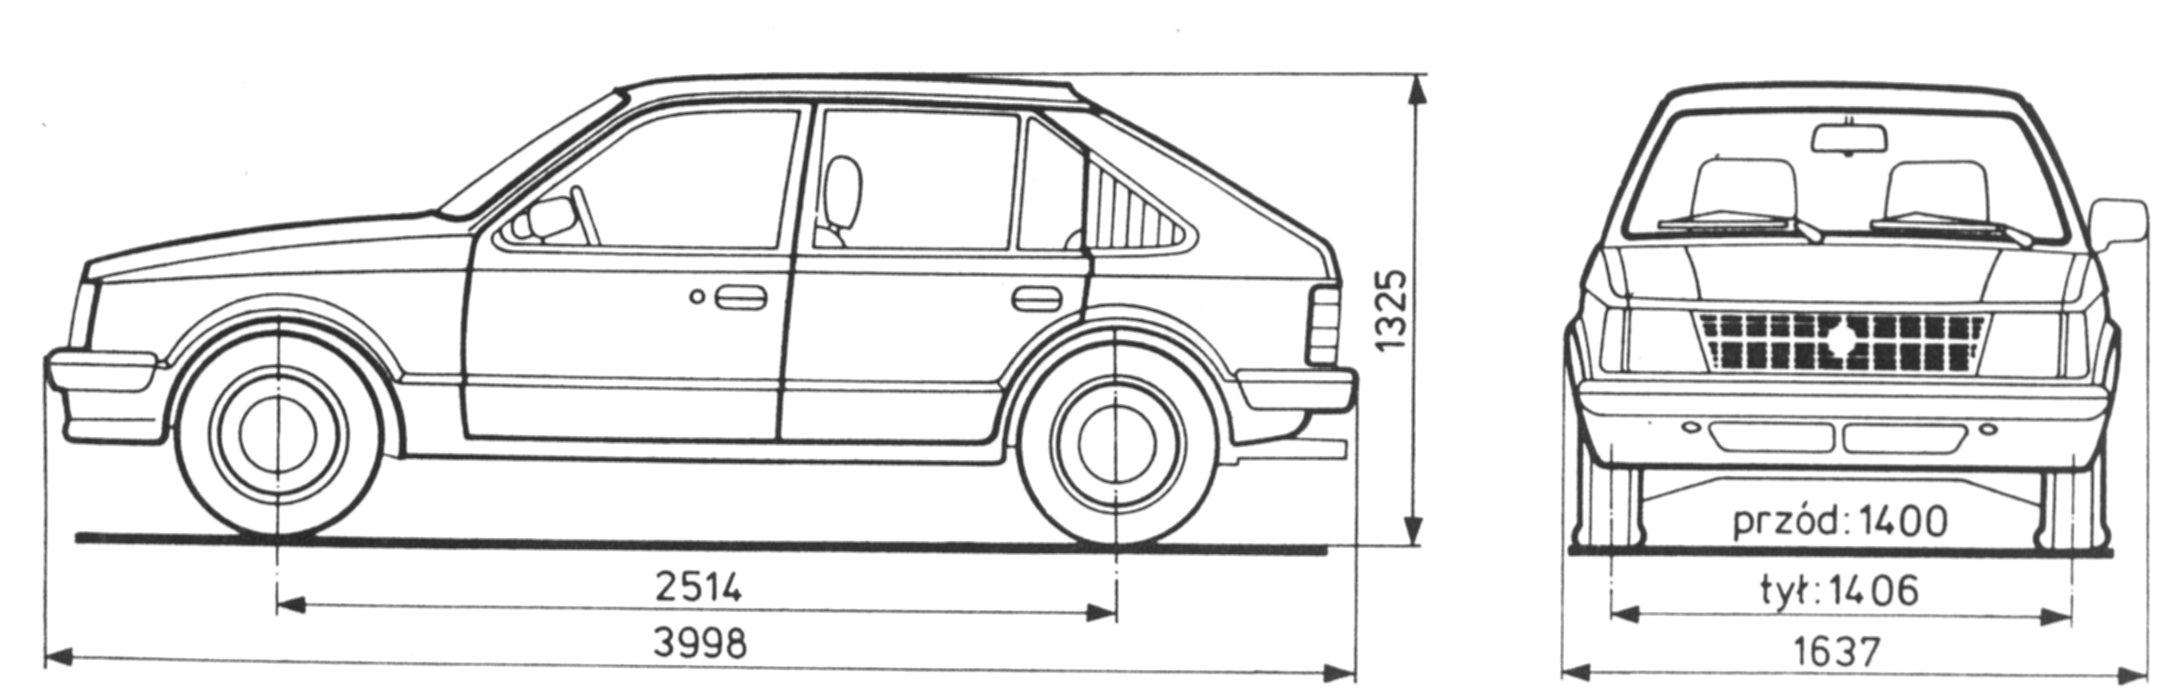 Opel Kadett D blueprint